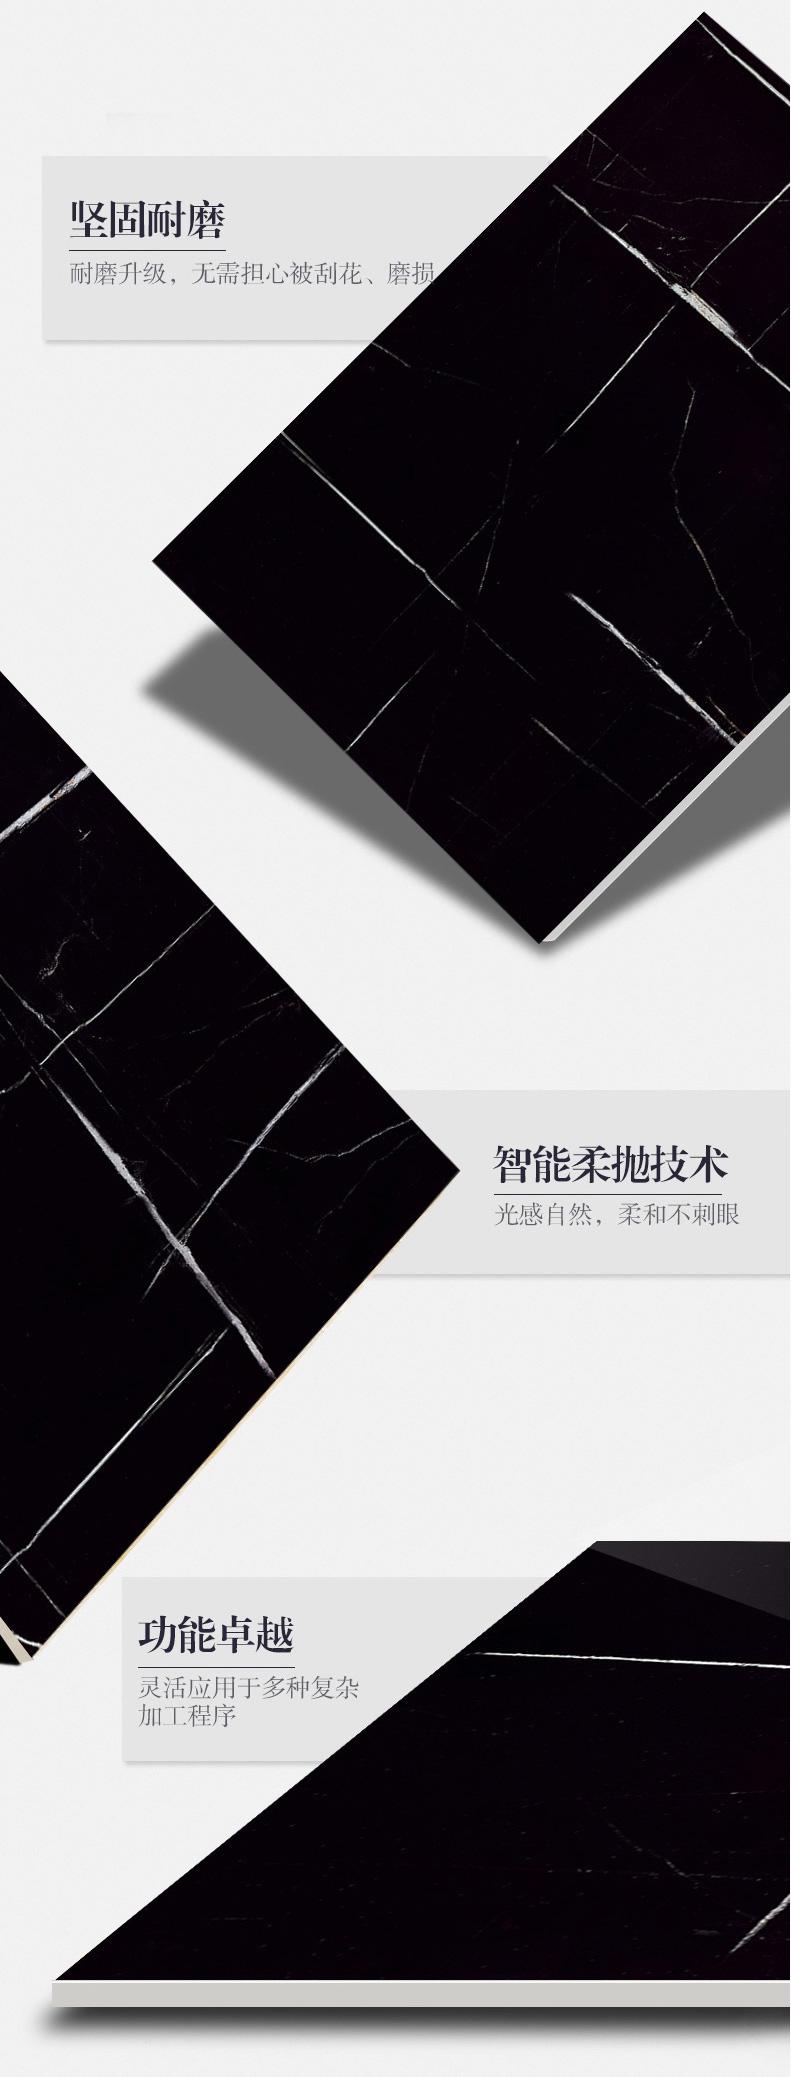 简一大理石瓷砖-劳伦斯金_11.jpg